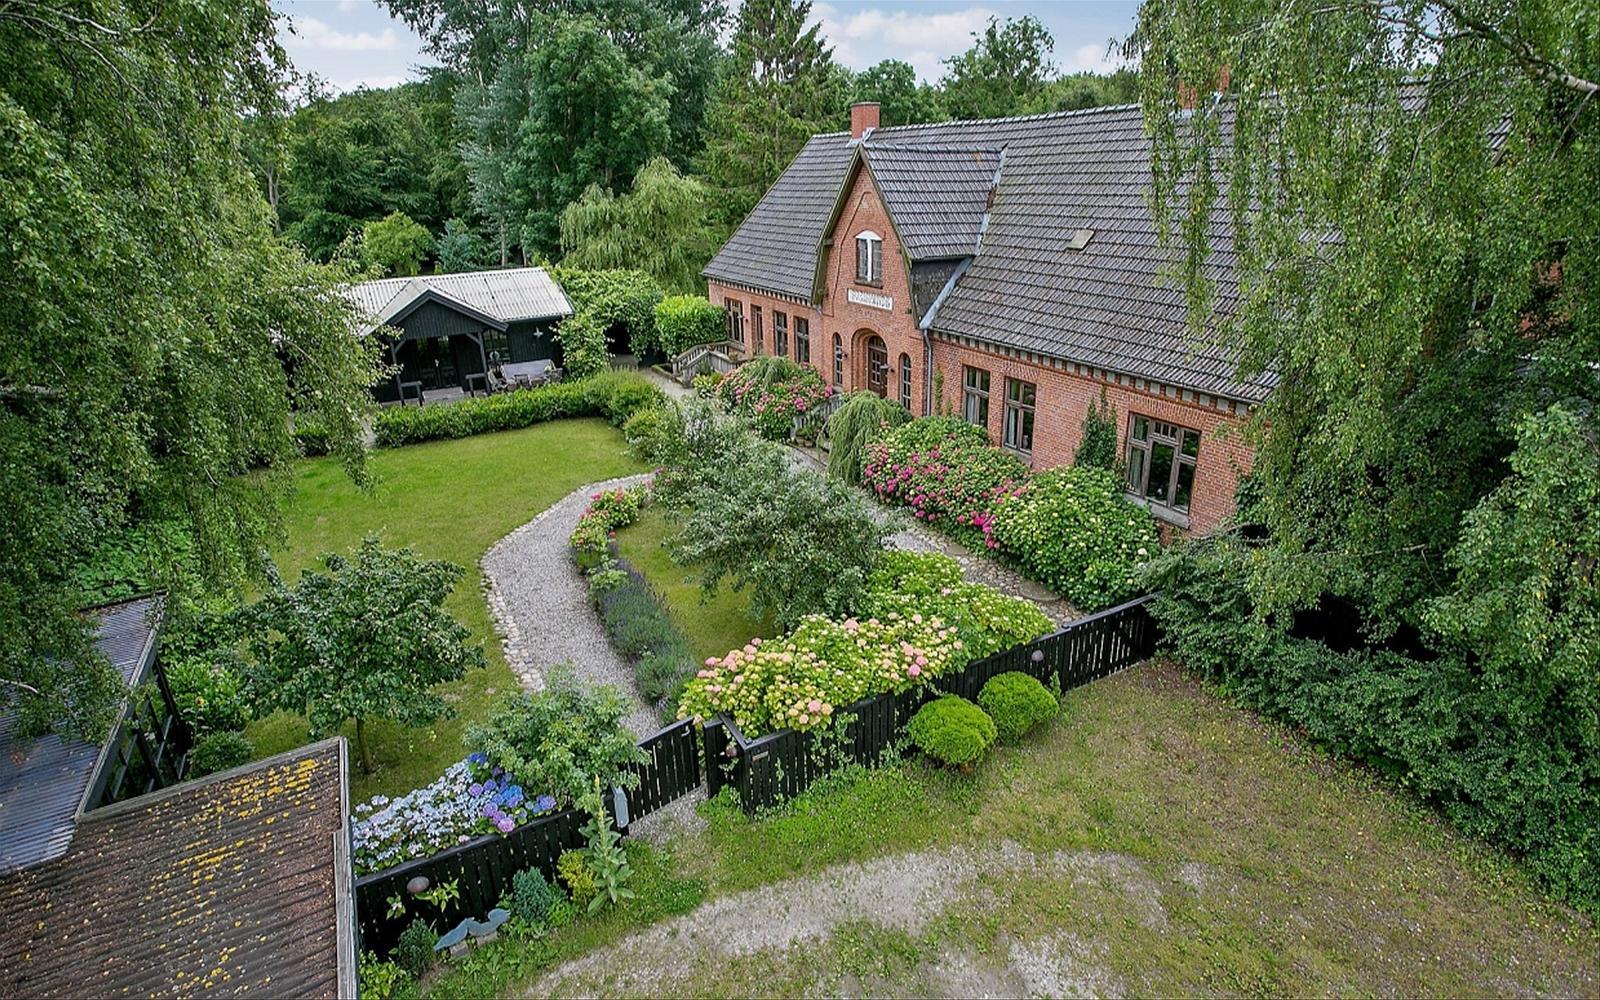 садовый участок газон дорожки клумбы кирпичный дом кровля хозяйственный дом